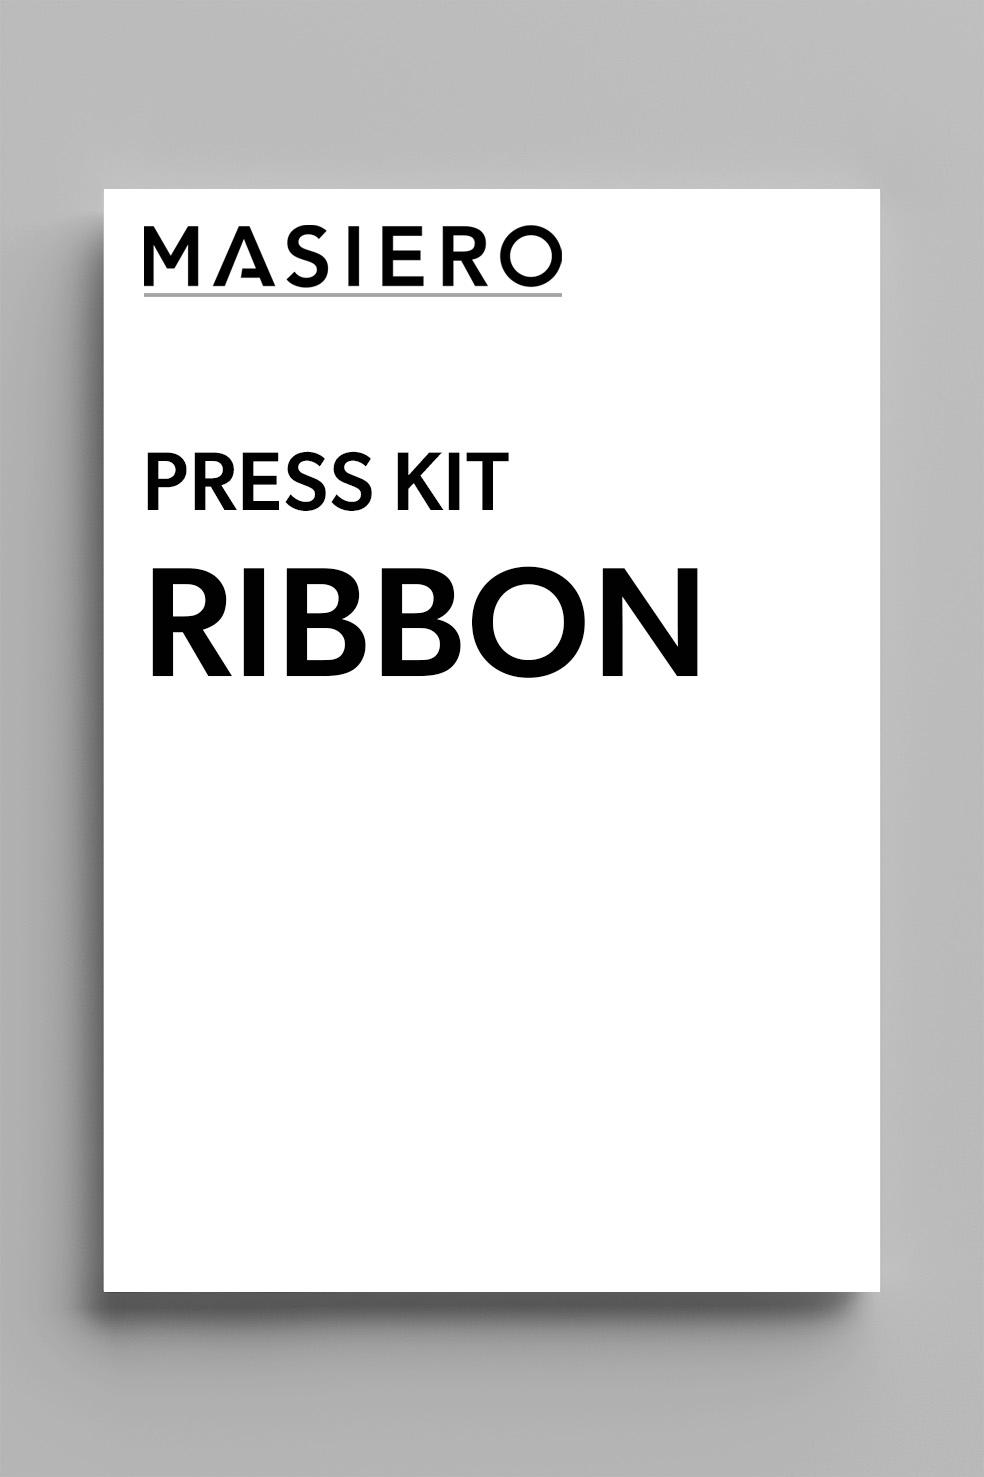 Masiero Press Kit